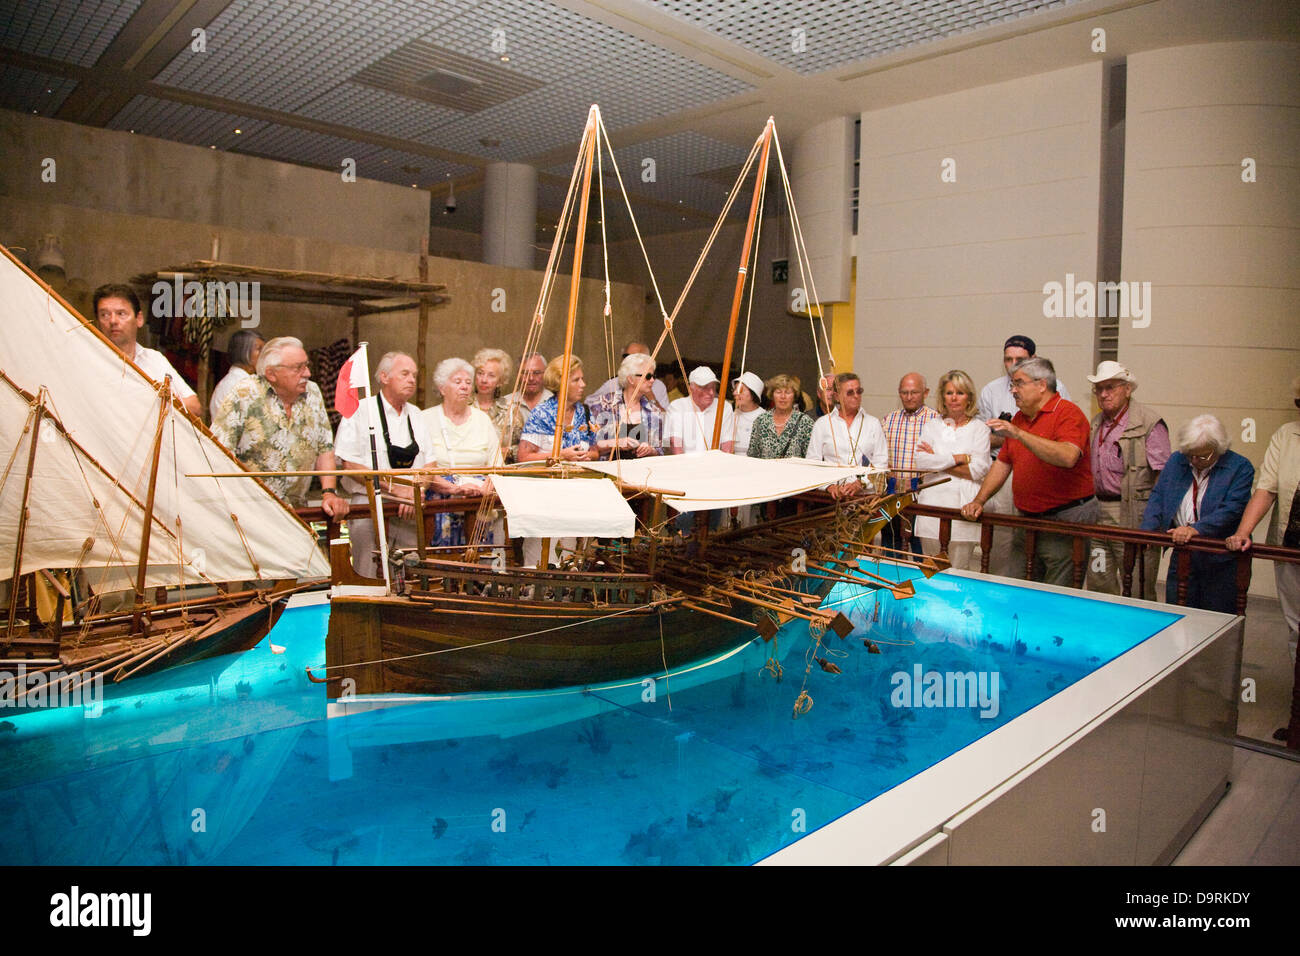 Visualizzare presso il Museo Nazionale del Bahrain, Manama, Bahrain Immagini Stock